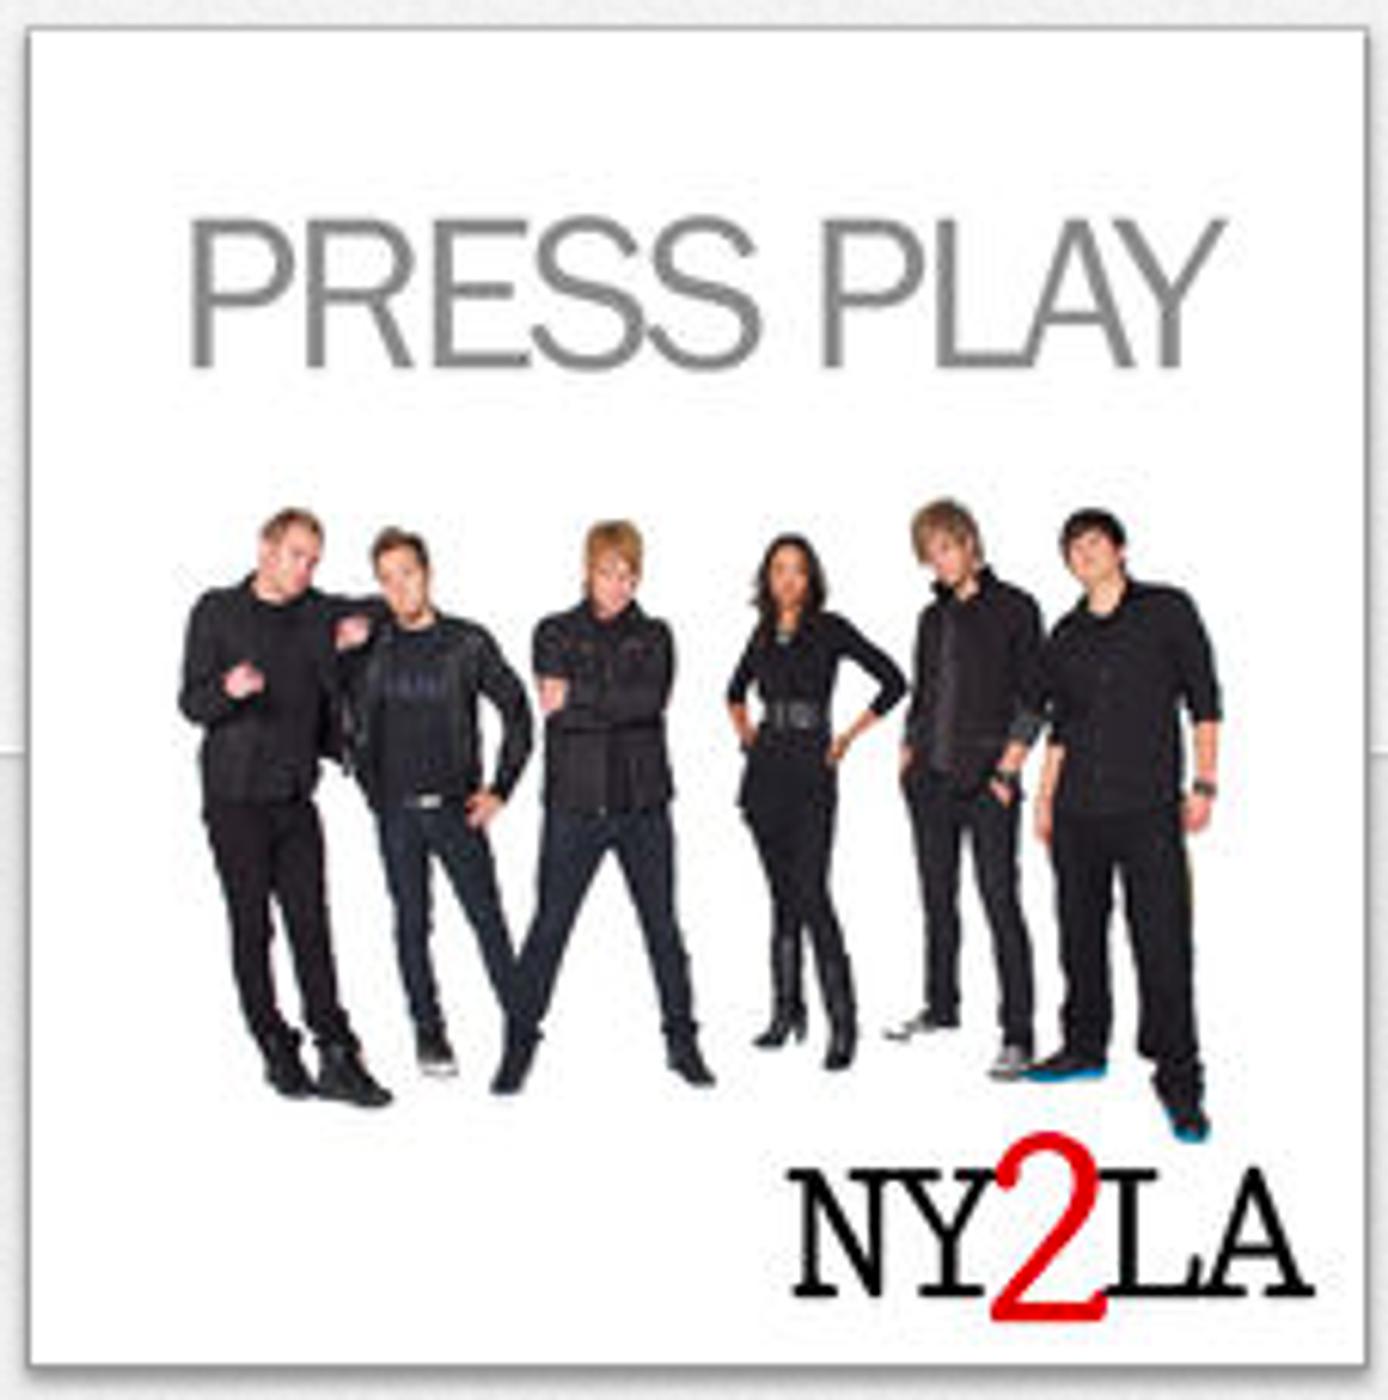 NY2LA - Press Play